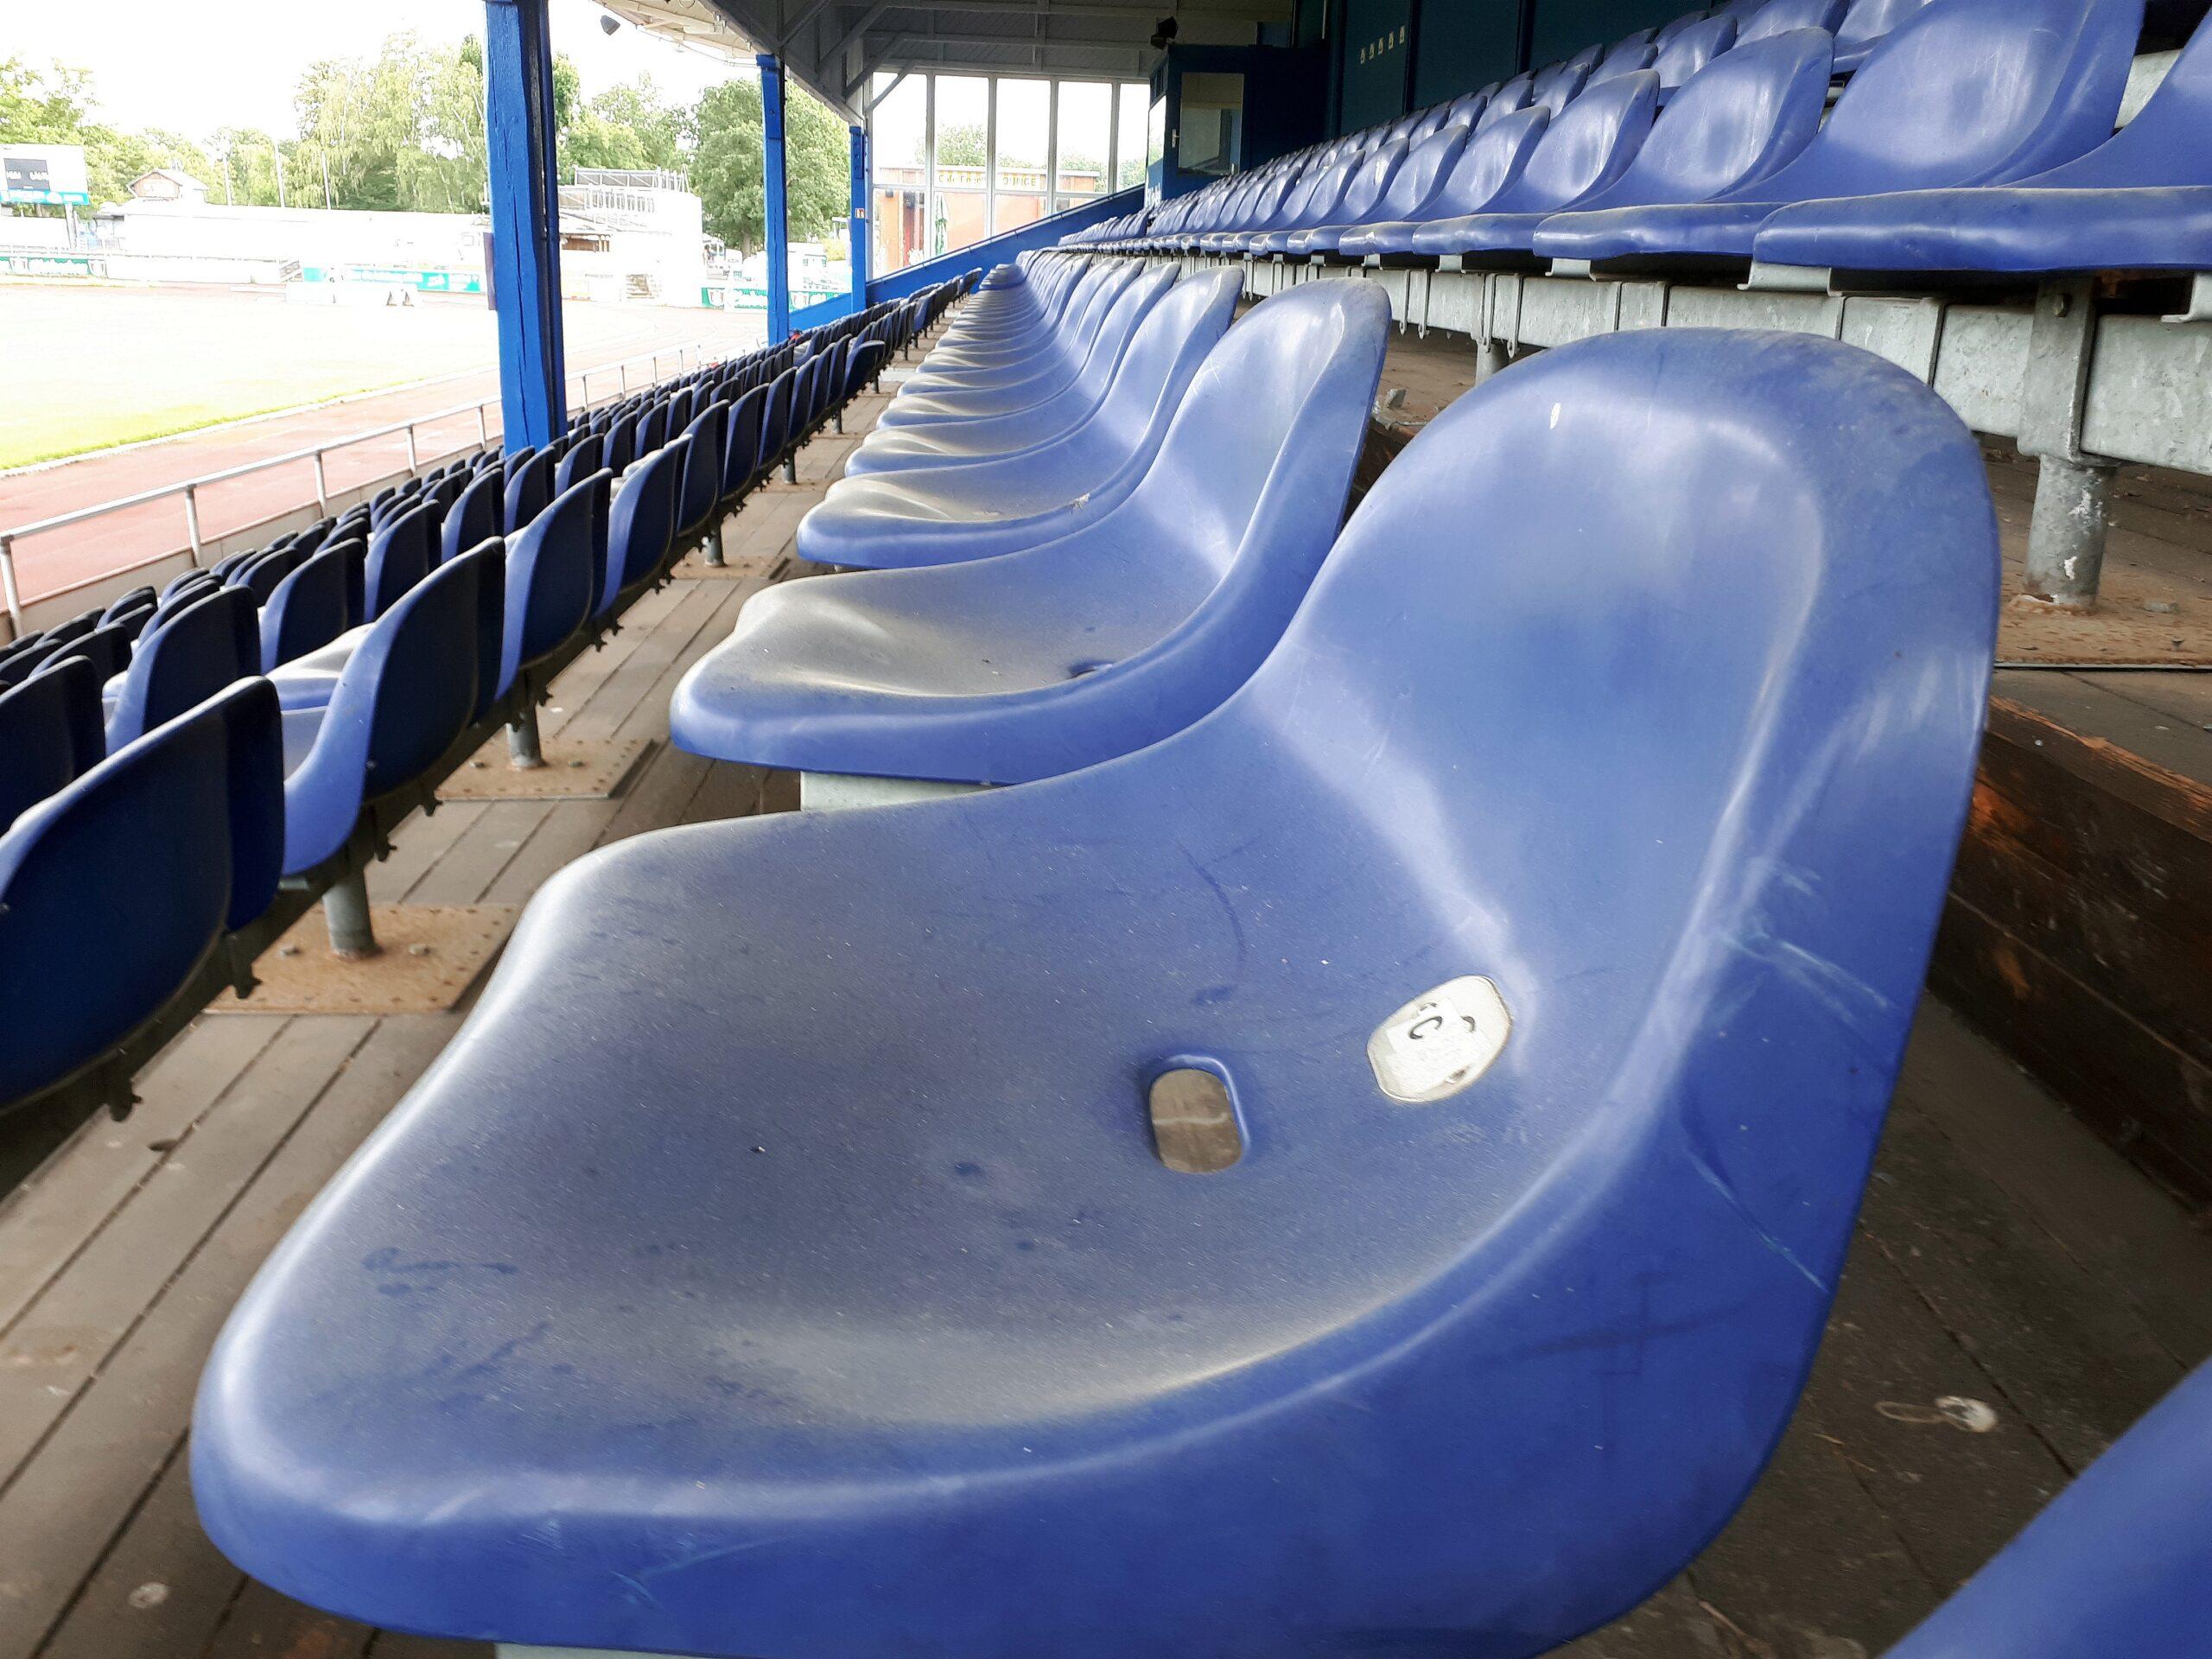 Blaue Sitzschalen auf der Holztribüne im Friedrich-Ebert-Stadion